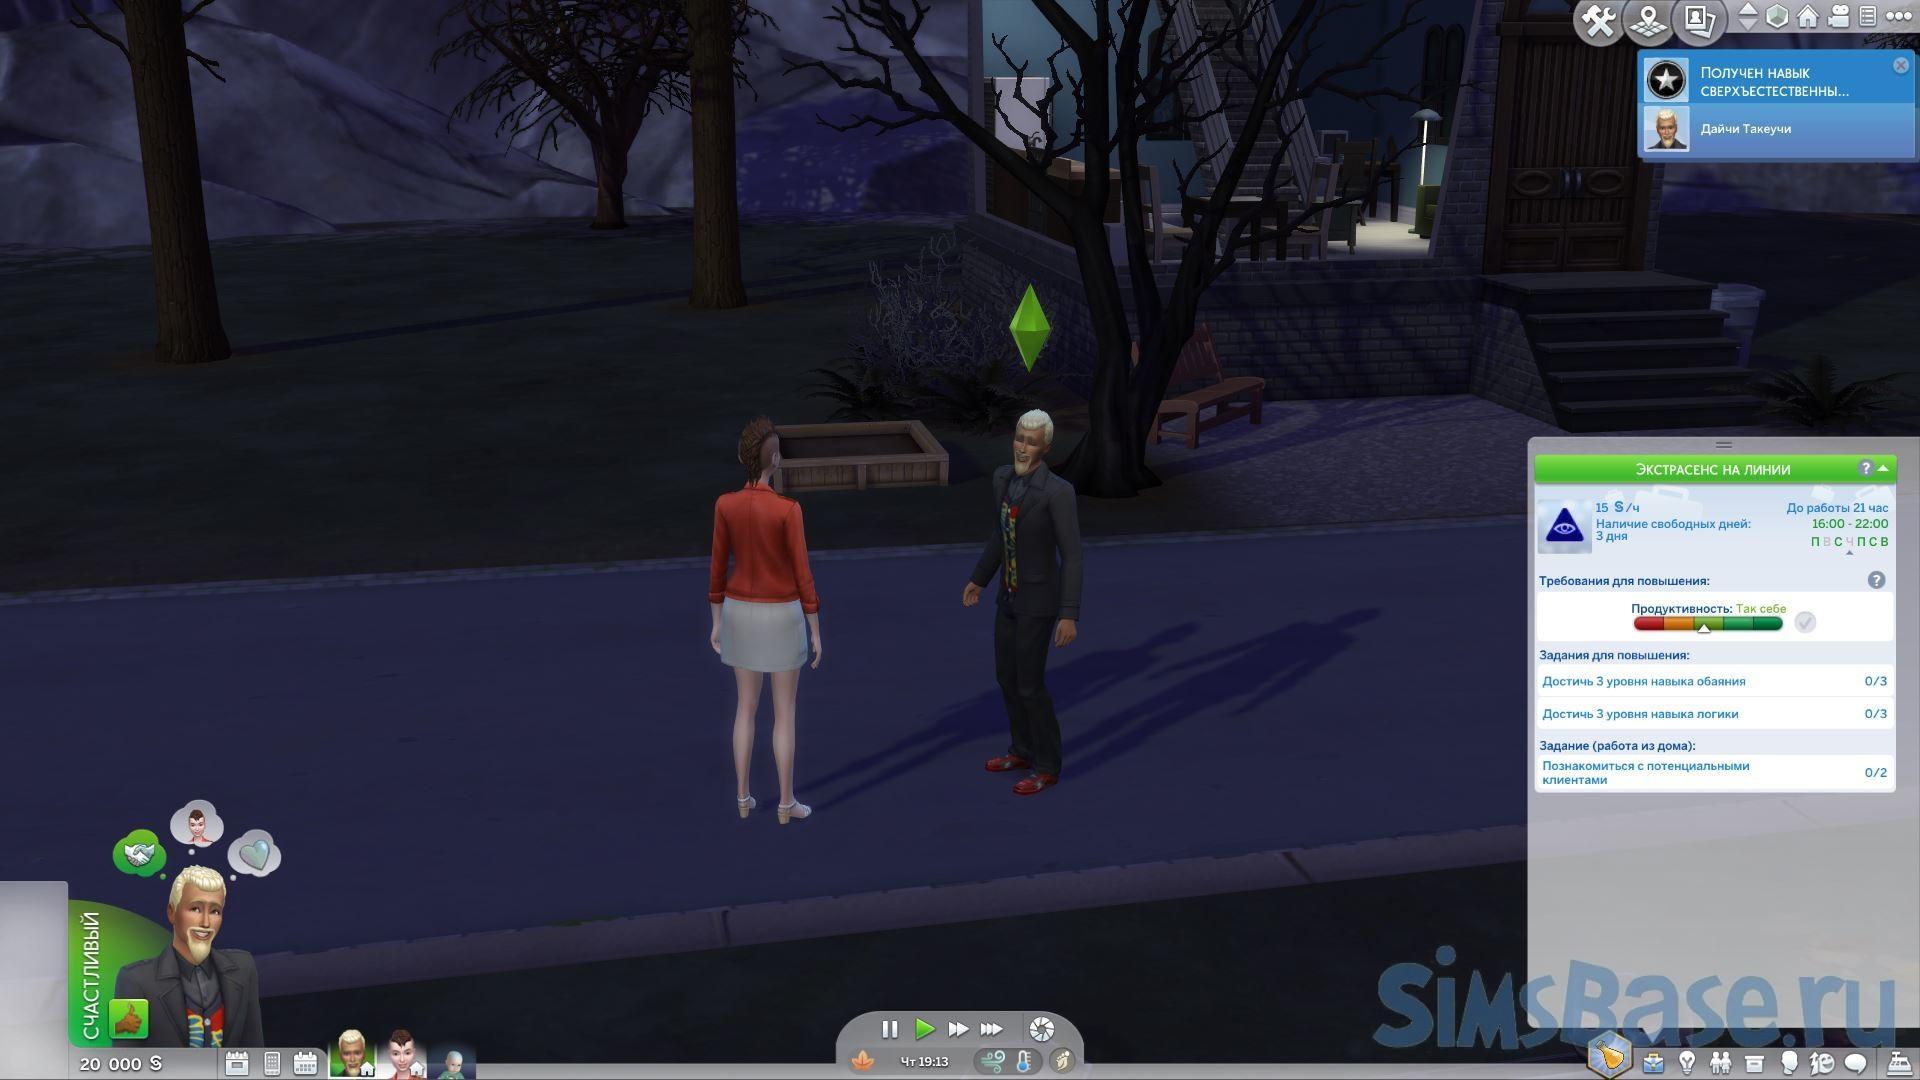 Мод «Паранормальная карьера с жизненными целями» от adeepindigo для Sims 4